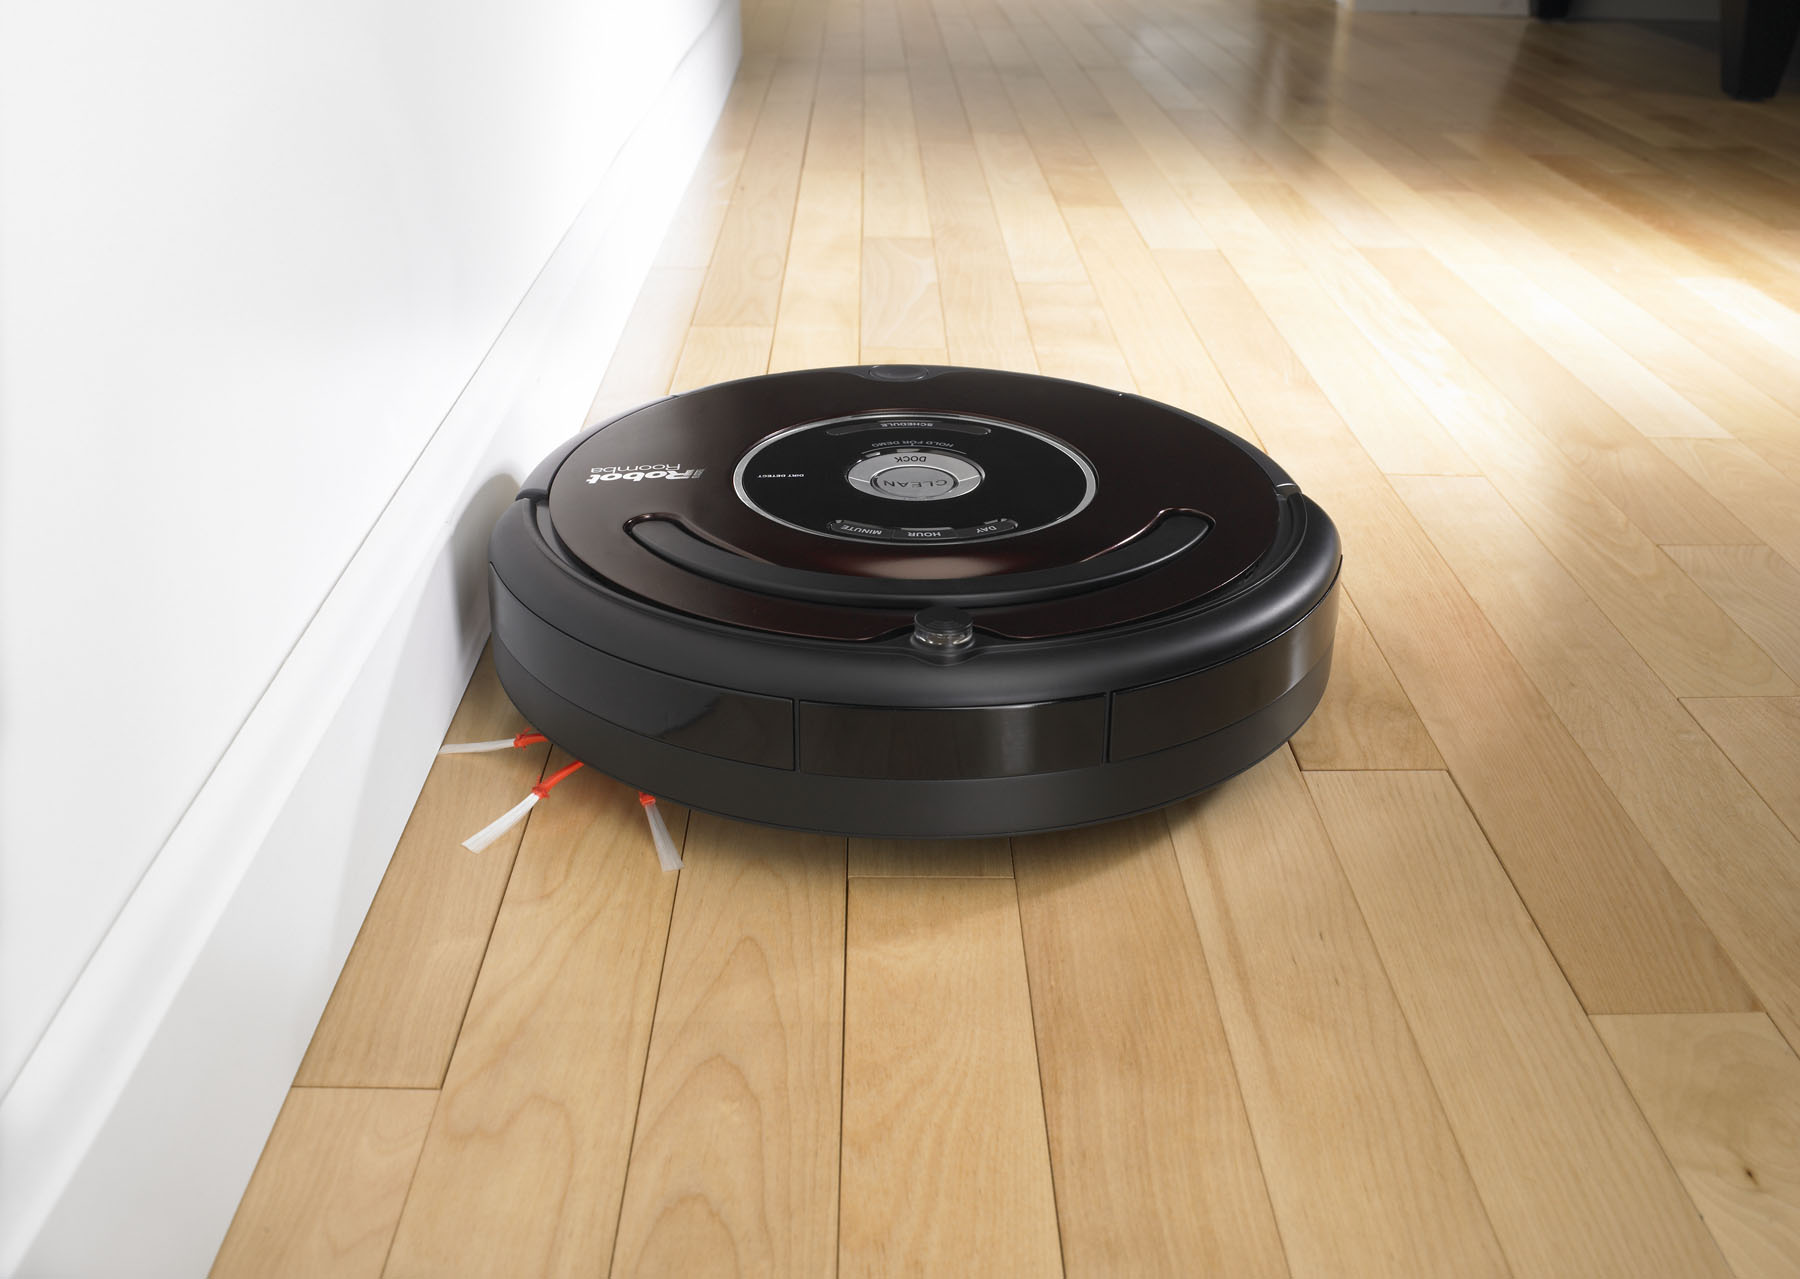 Робот-пылесос в черном корпусе